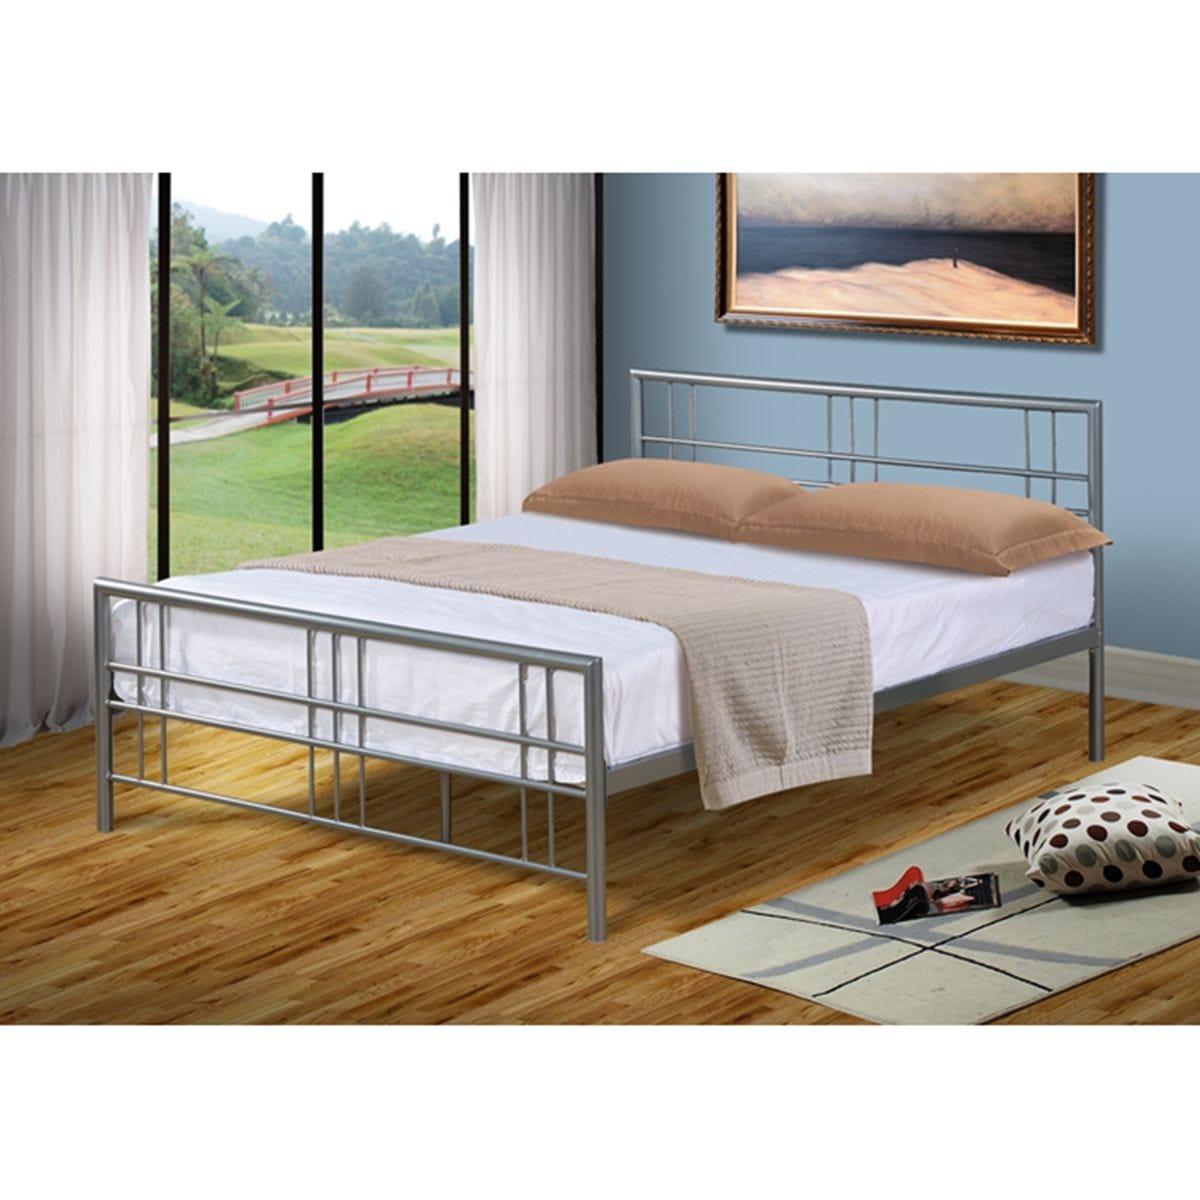 Luna Bed Frame - Silver